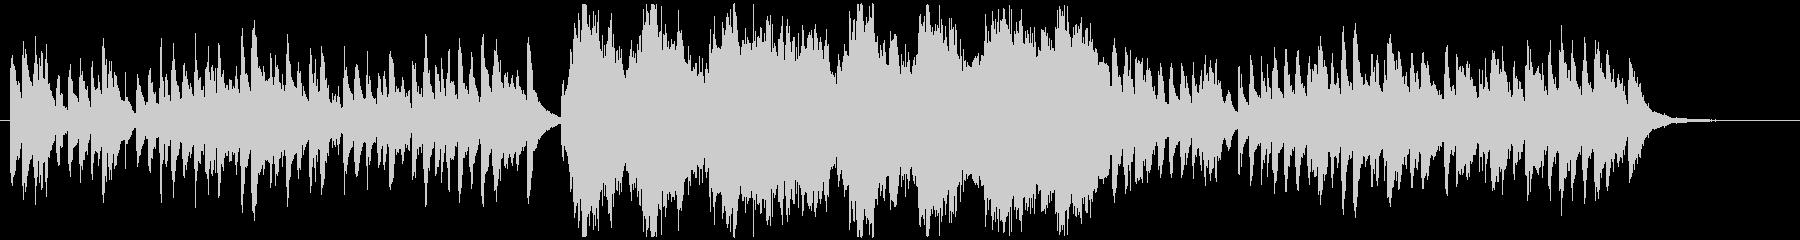 冬のトイピアノとストリングスBGMの未再生の波形